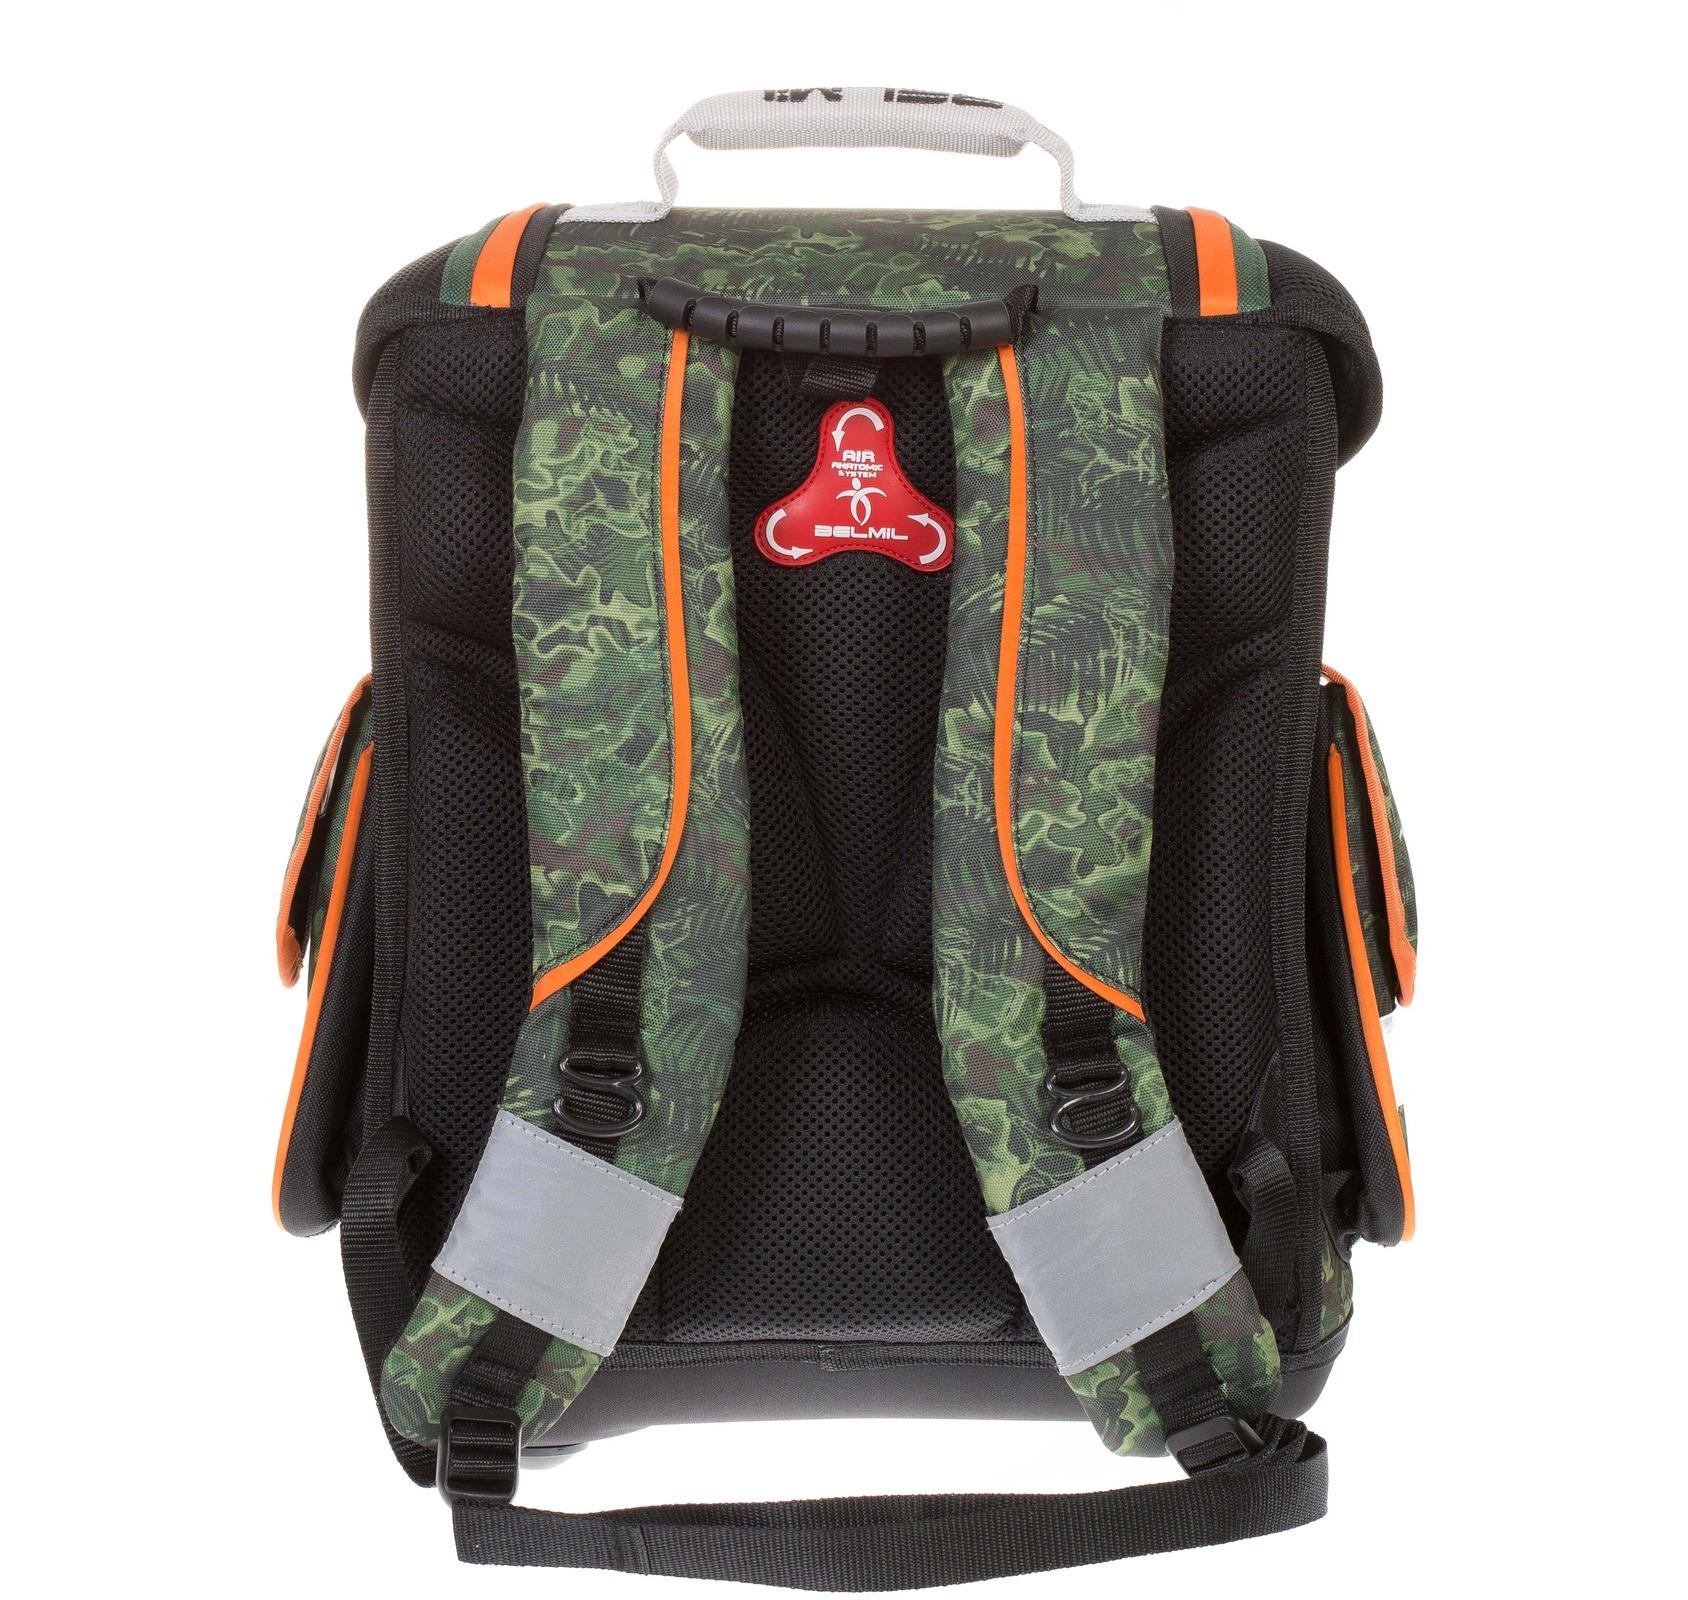 Ранец Belmil Sporty 404-5/442 DINOSAUR + мешок для обуви, - фото 4